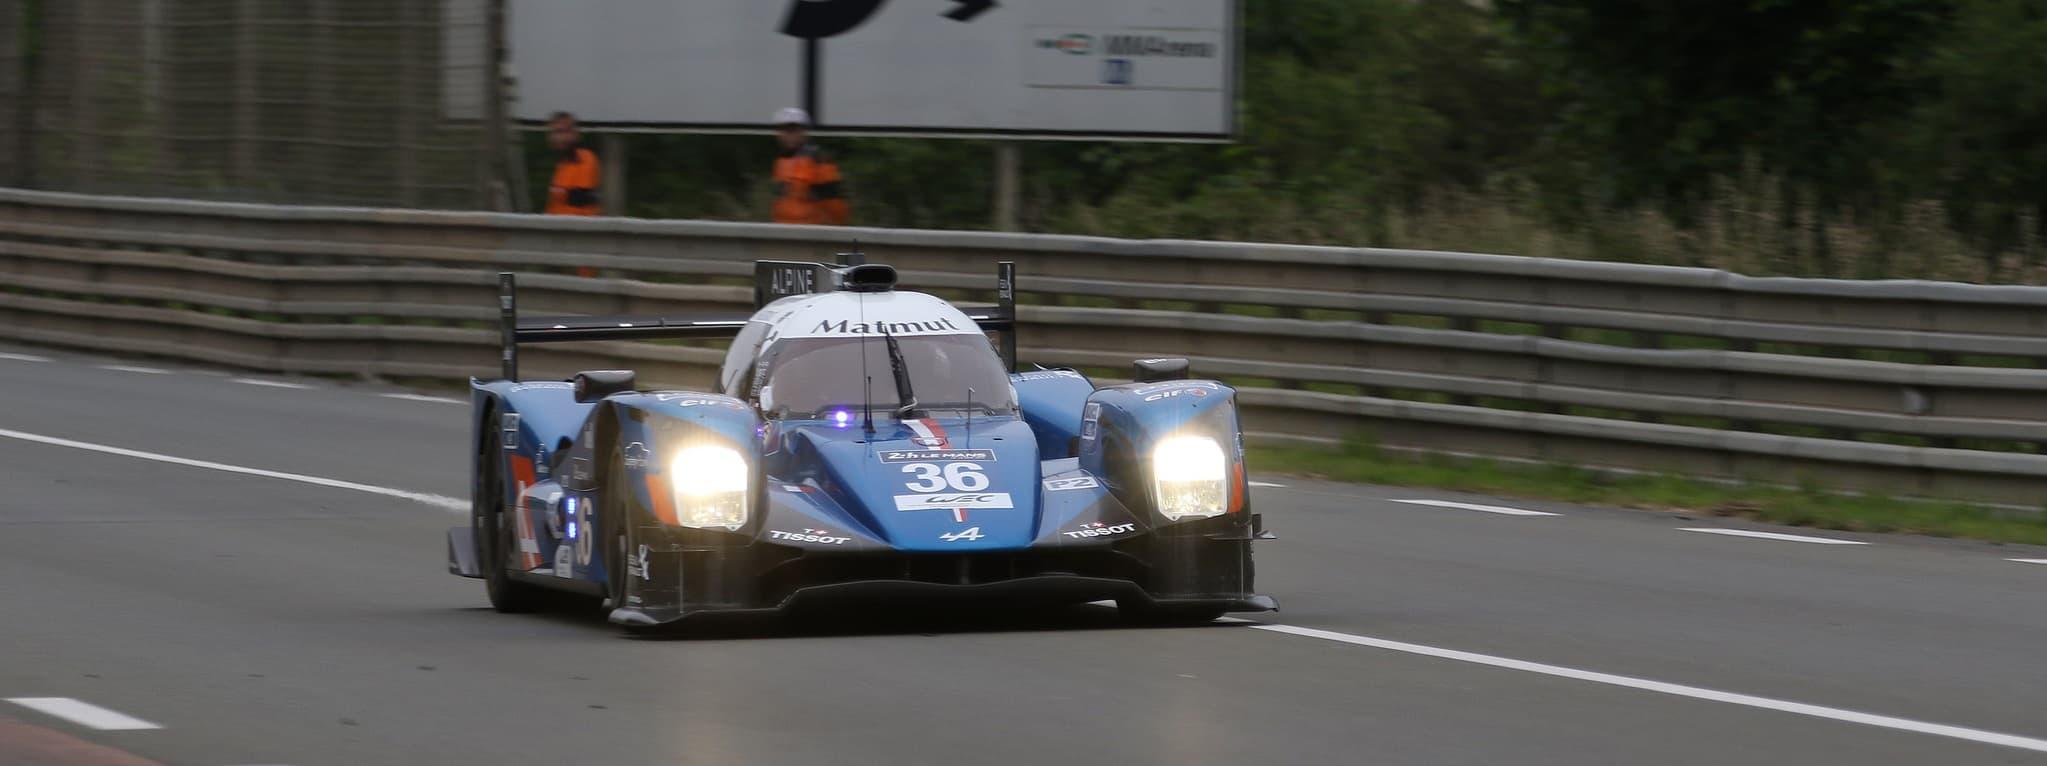 Journée Test le Mans 2016 - Alpine A460 n°36